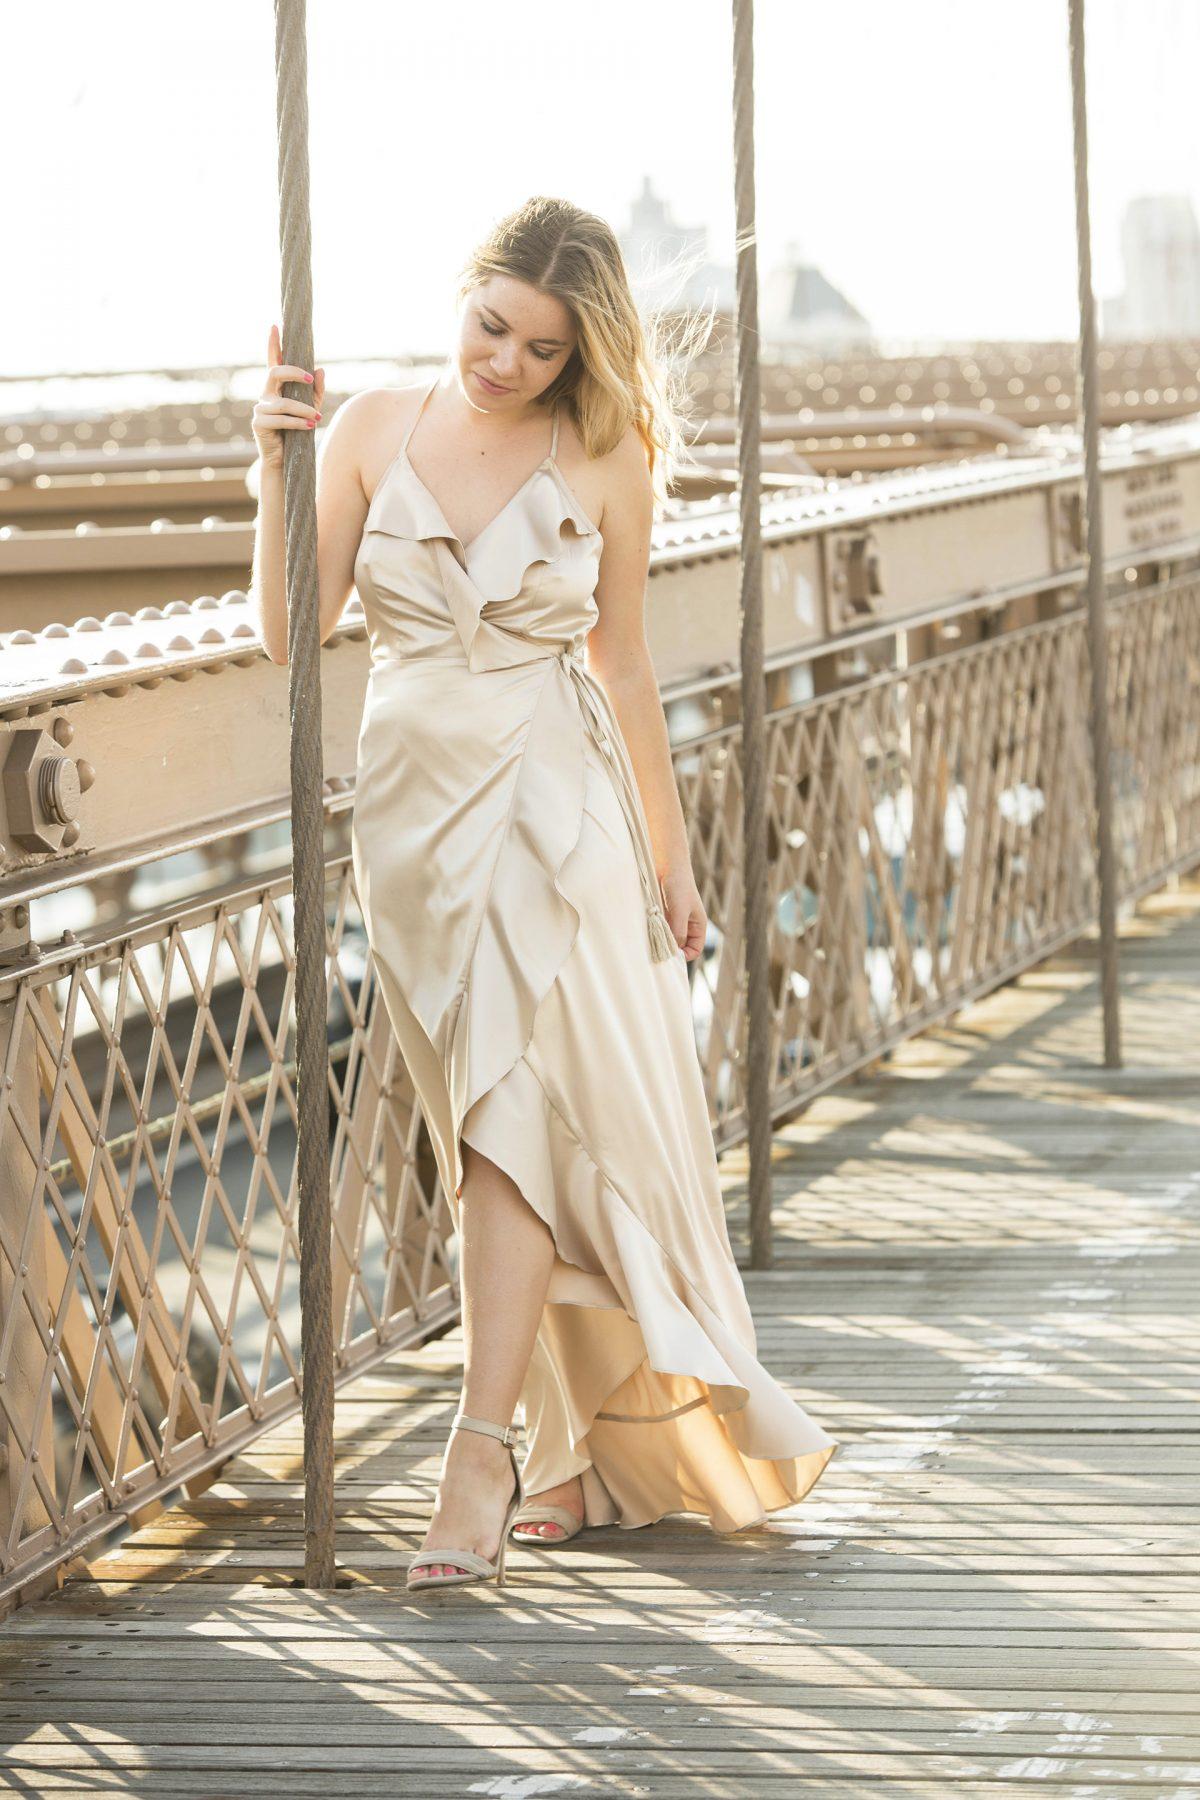 Brooklyn Bridge romantic photo shoot